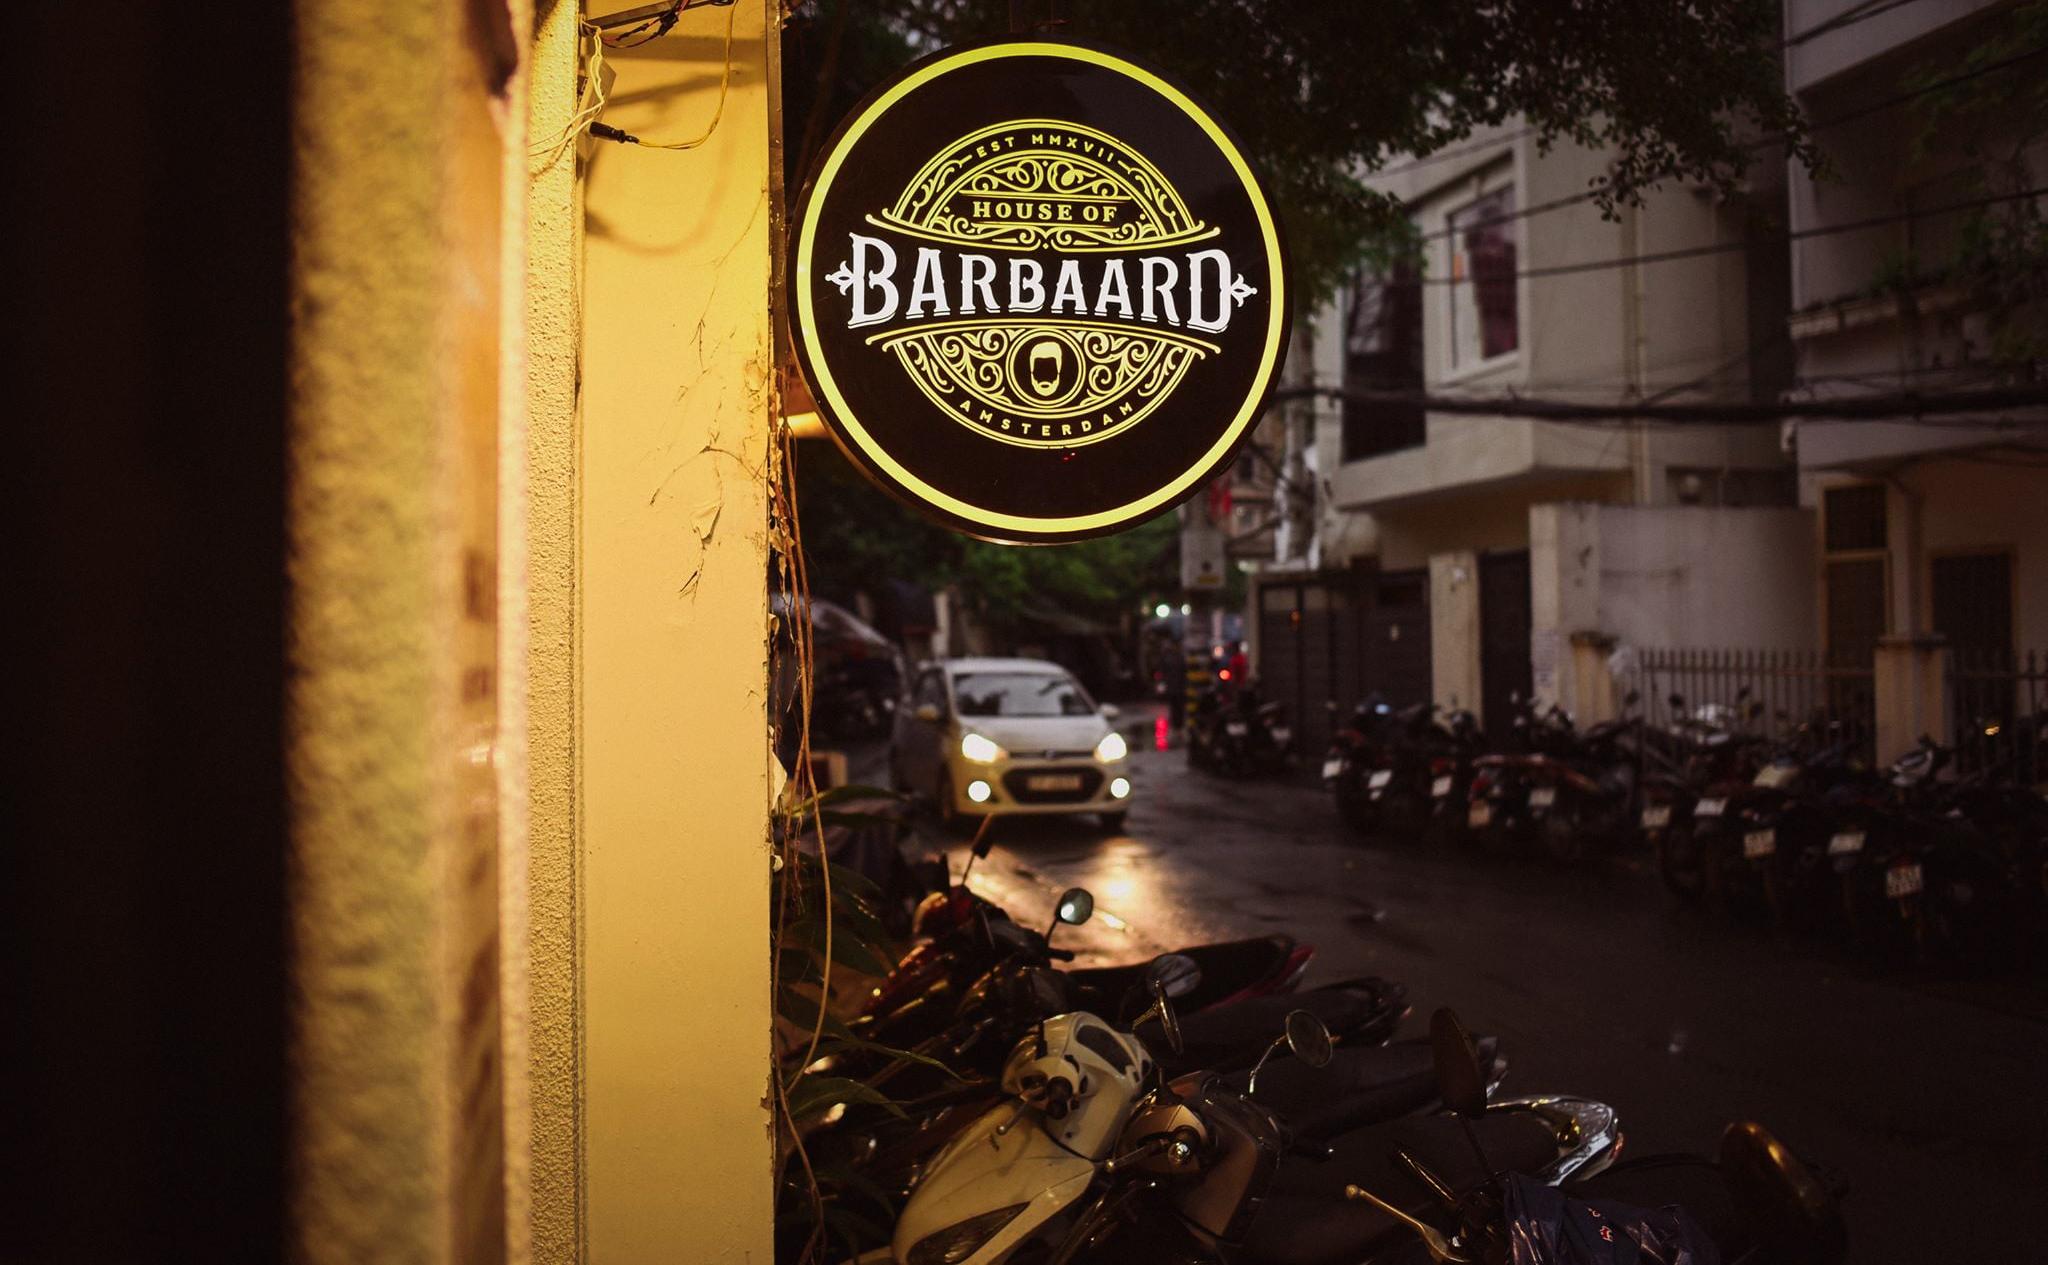 House of Barbaard barbershop & bar